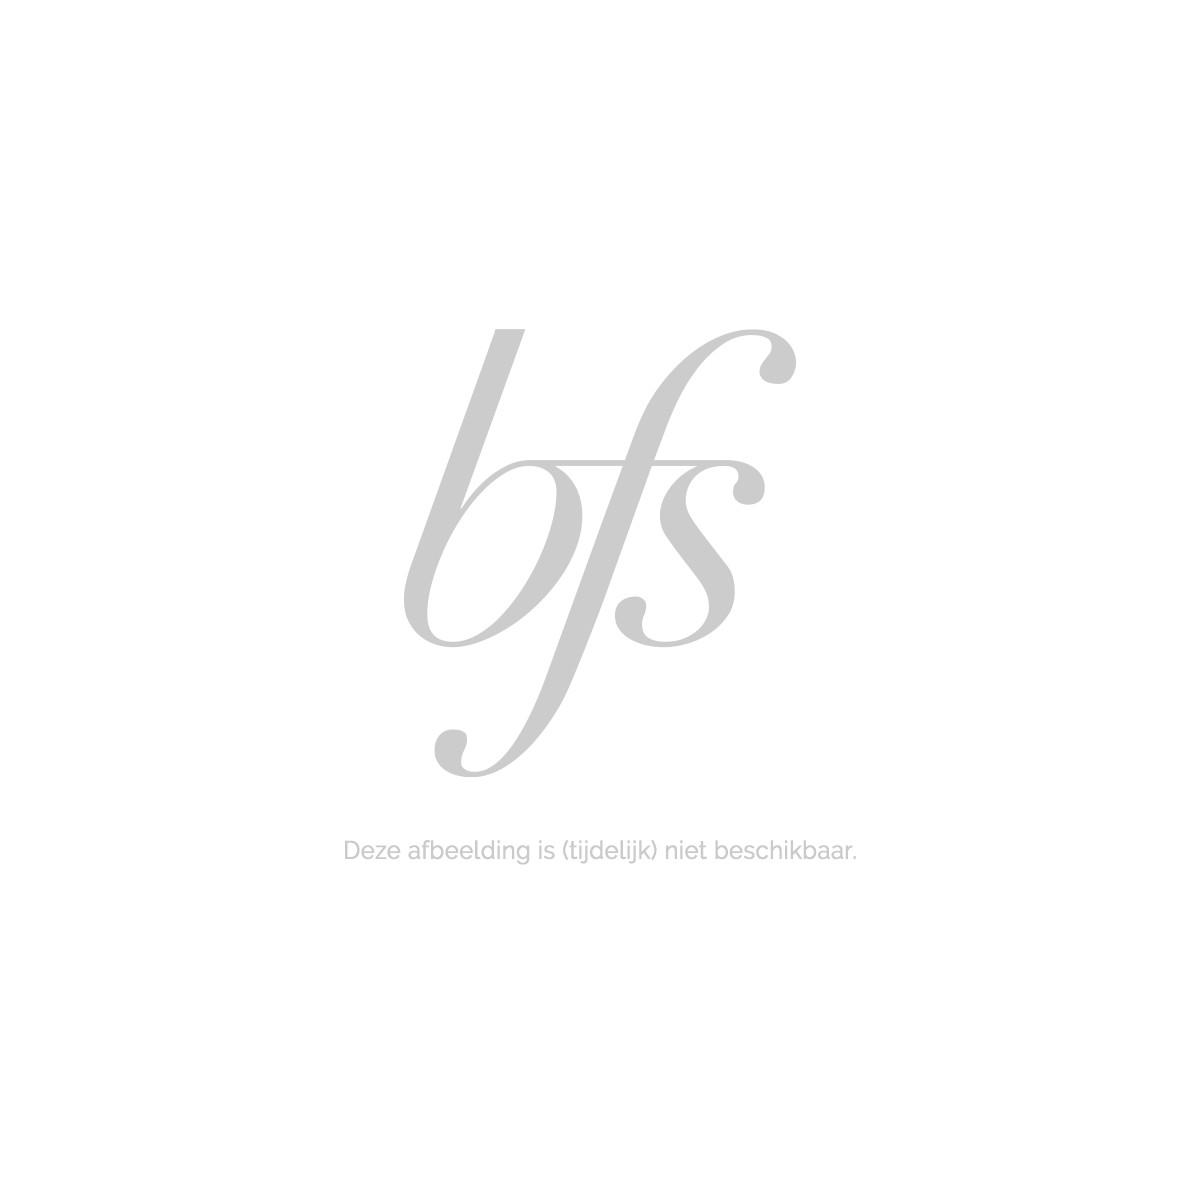 Christian Dior Capture Totale Nurturing Hand Creme Spf15 75 Ml